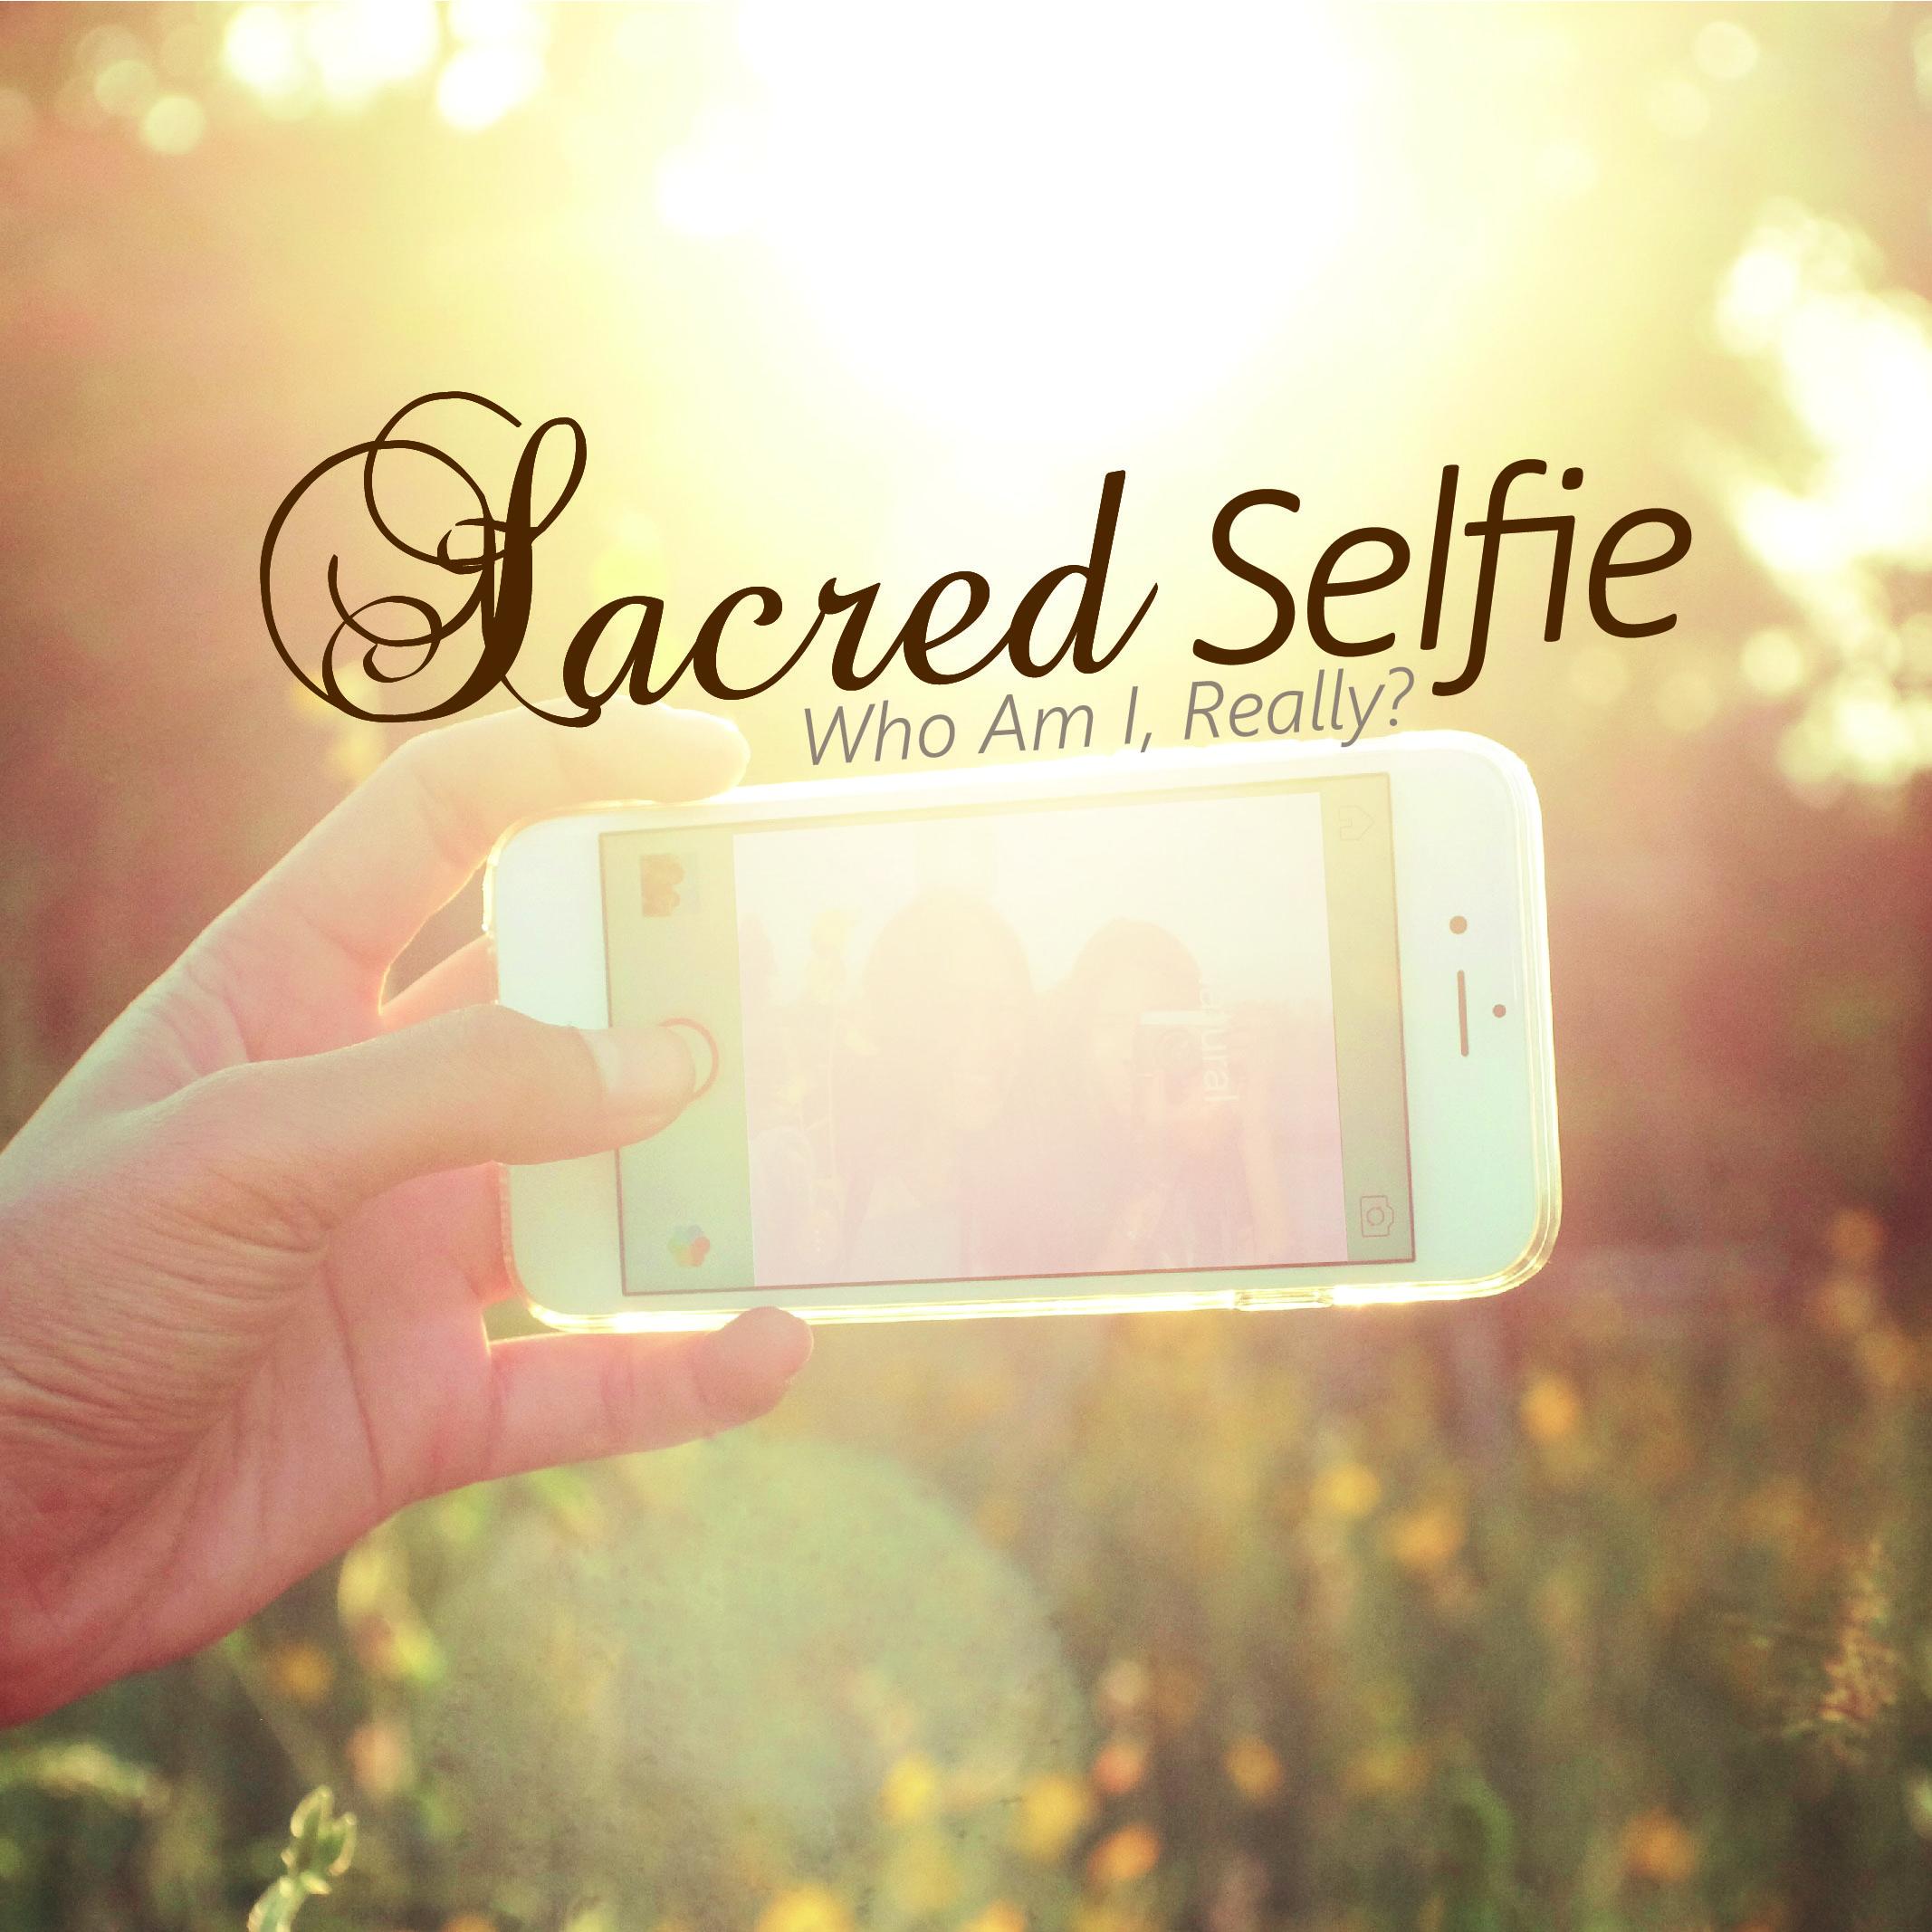 Sacred Selfie GP Web 8-4-19.jpg